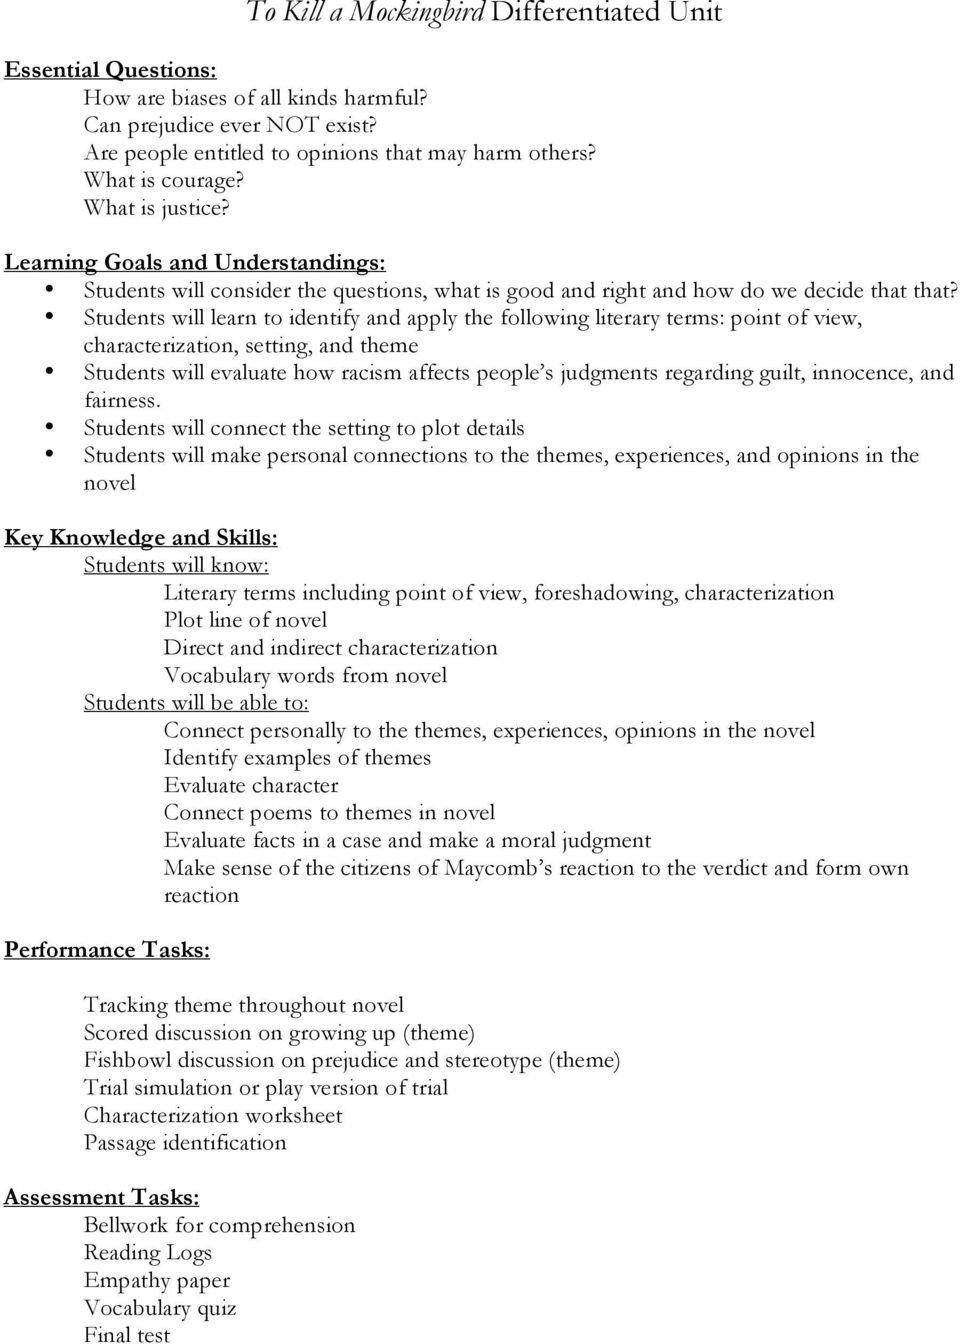 To Kill A Mockingbird Differentiated Unit  Pdf Pertaining To To Kill A Mockingbird Theme Worksheet